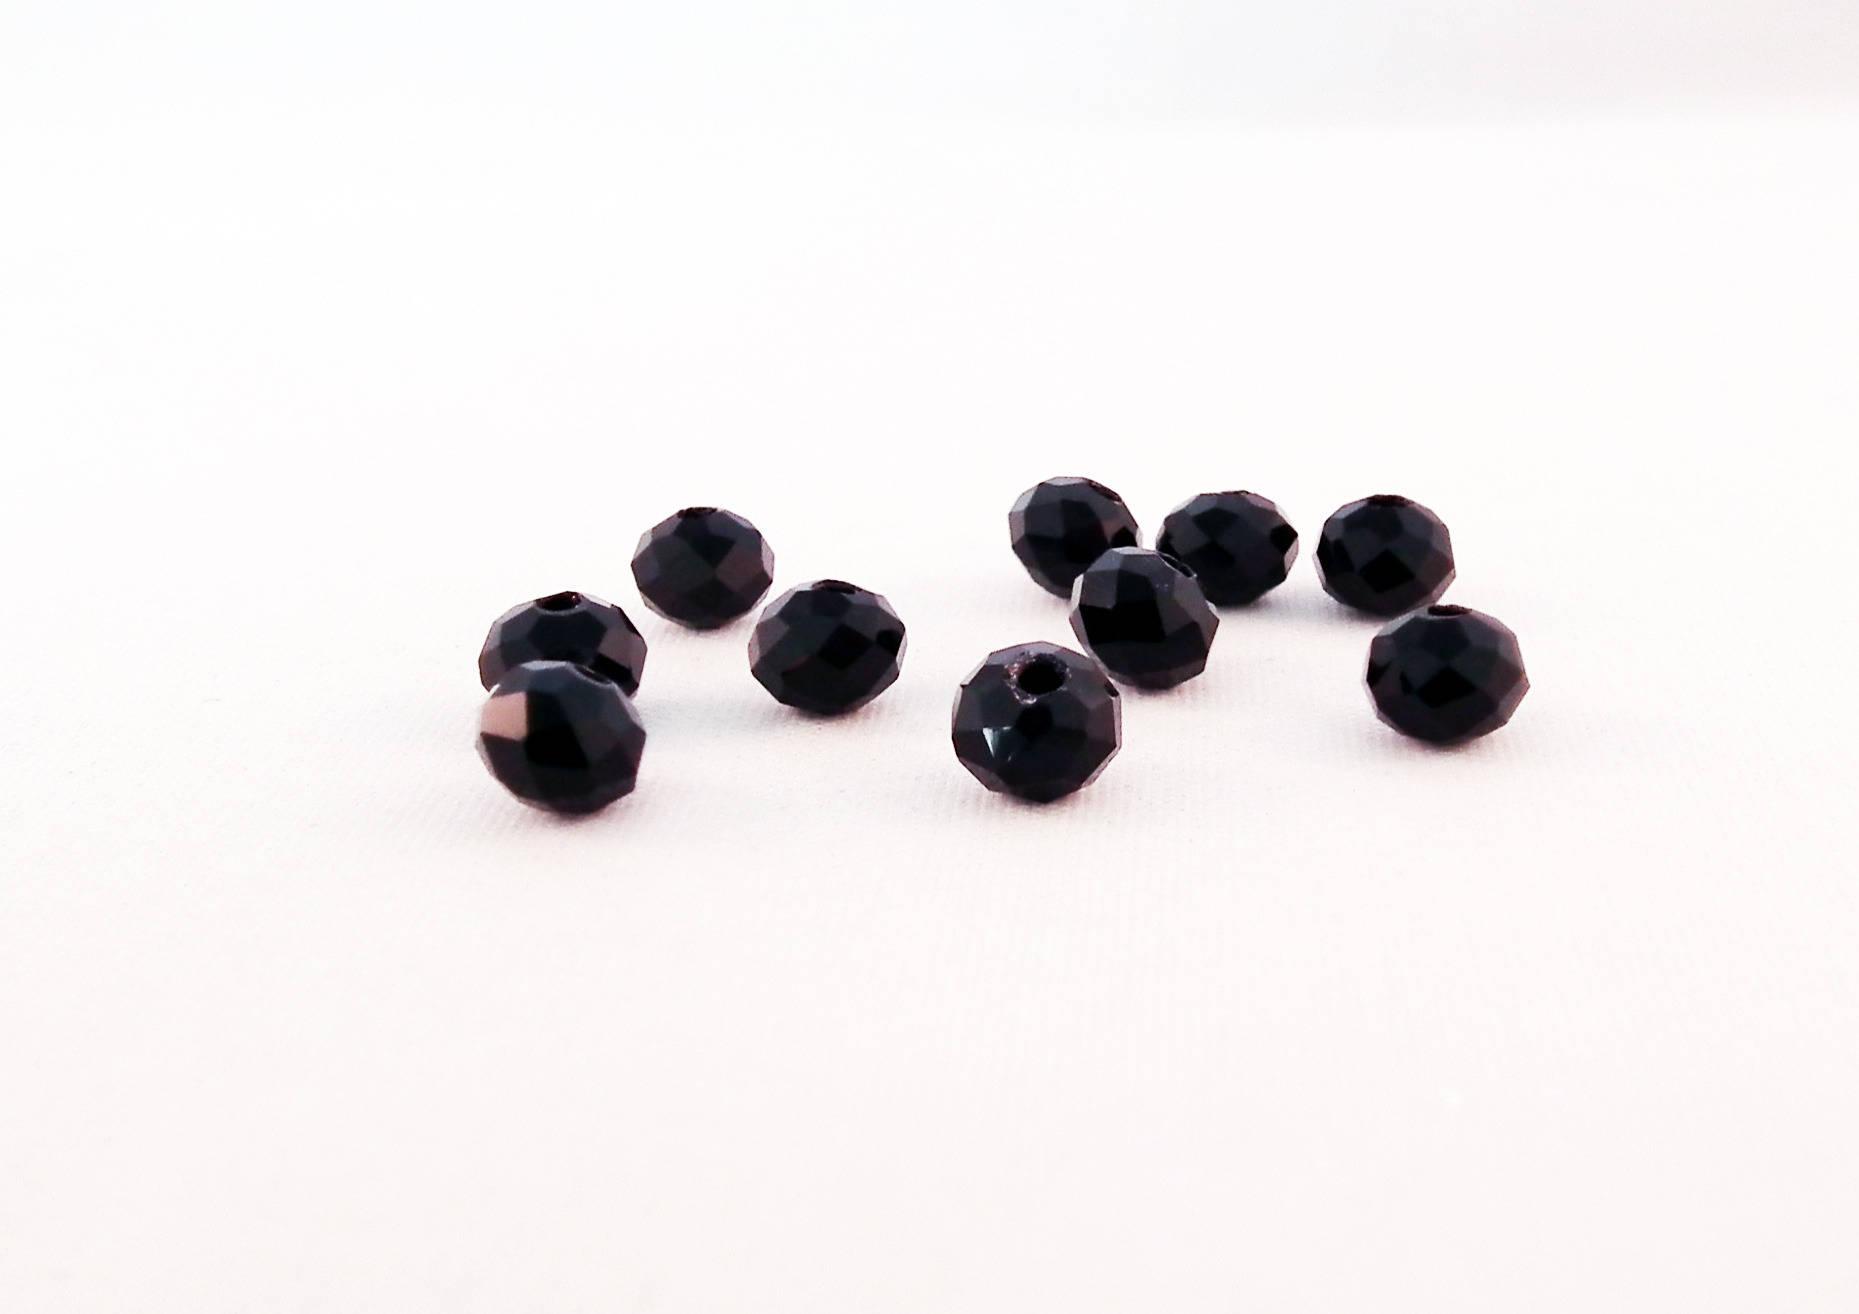 PSM16P - 10 Perles Précieuses 6X4mm Noir en Verre Cristal de couleur Noir